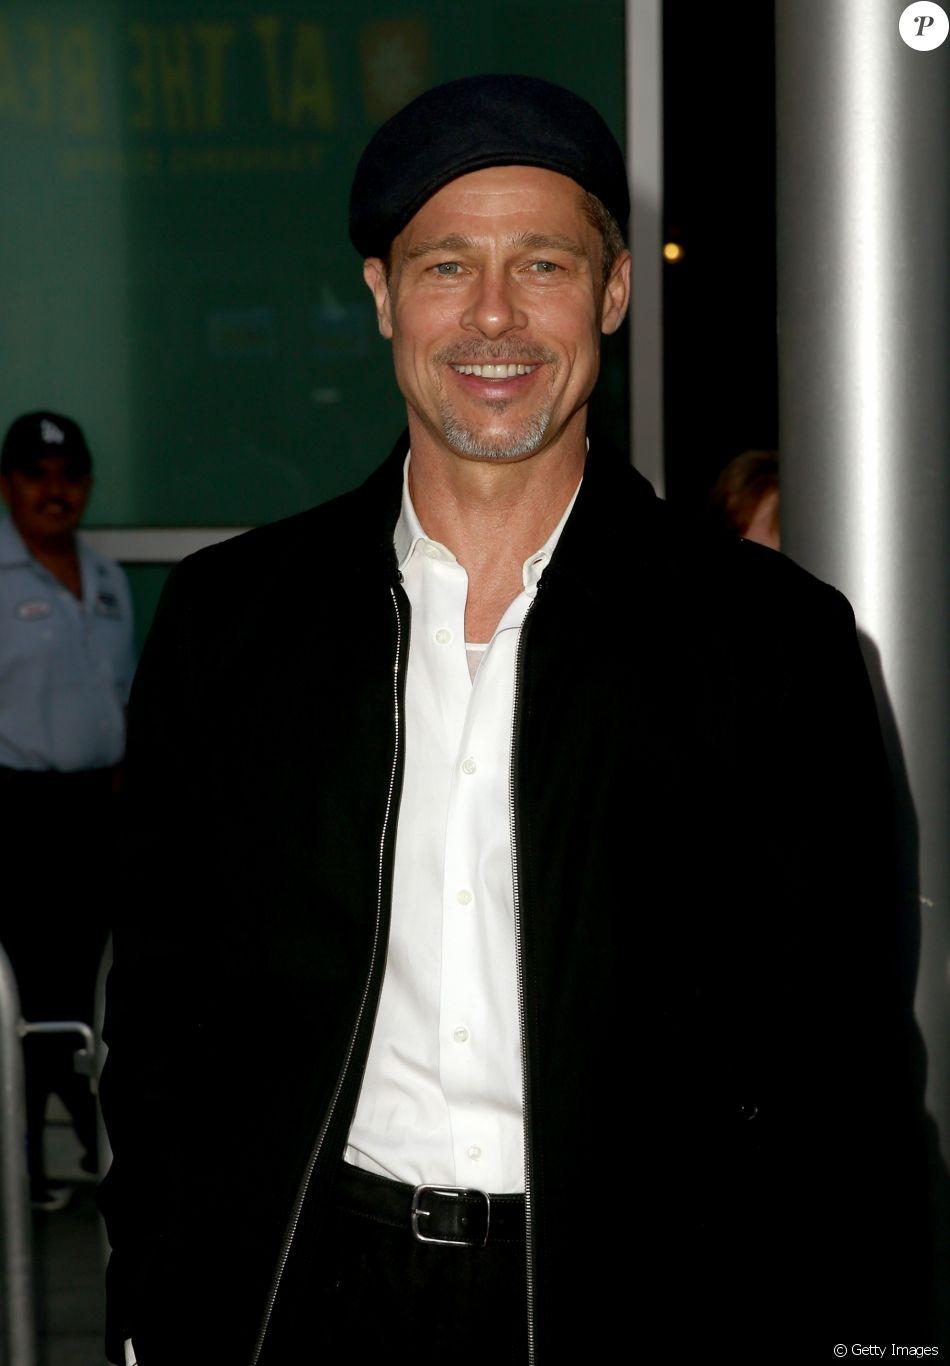 Brad Pitt avalia saúde mental após divórcio de Angelina Jolie em entrevista a 'Associated Press' nesta terça-feira, dia 16 de maio de 2017